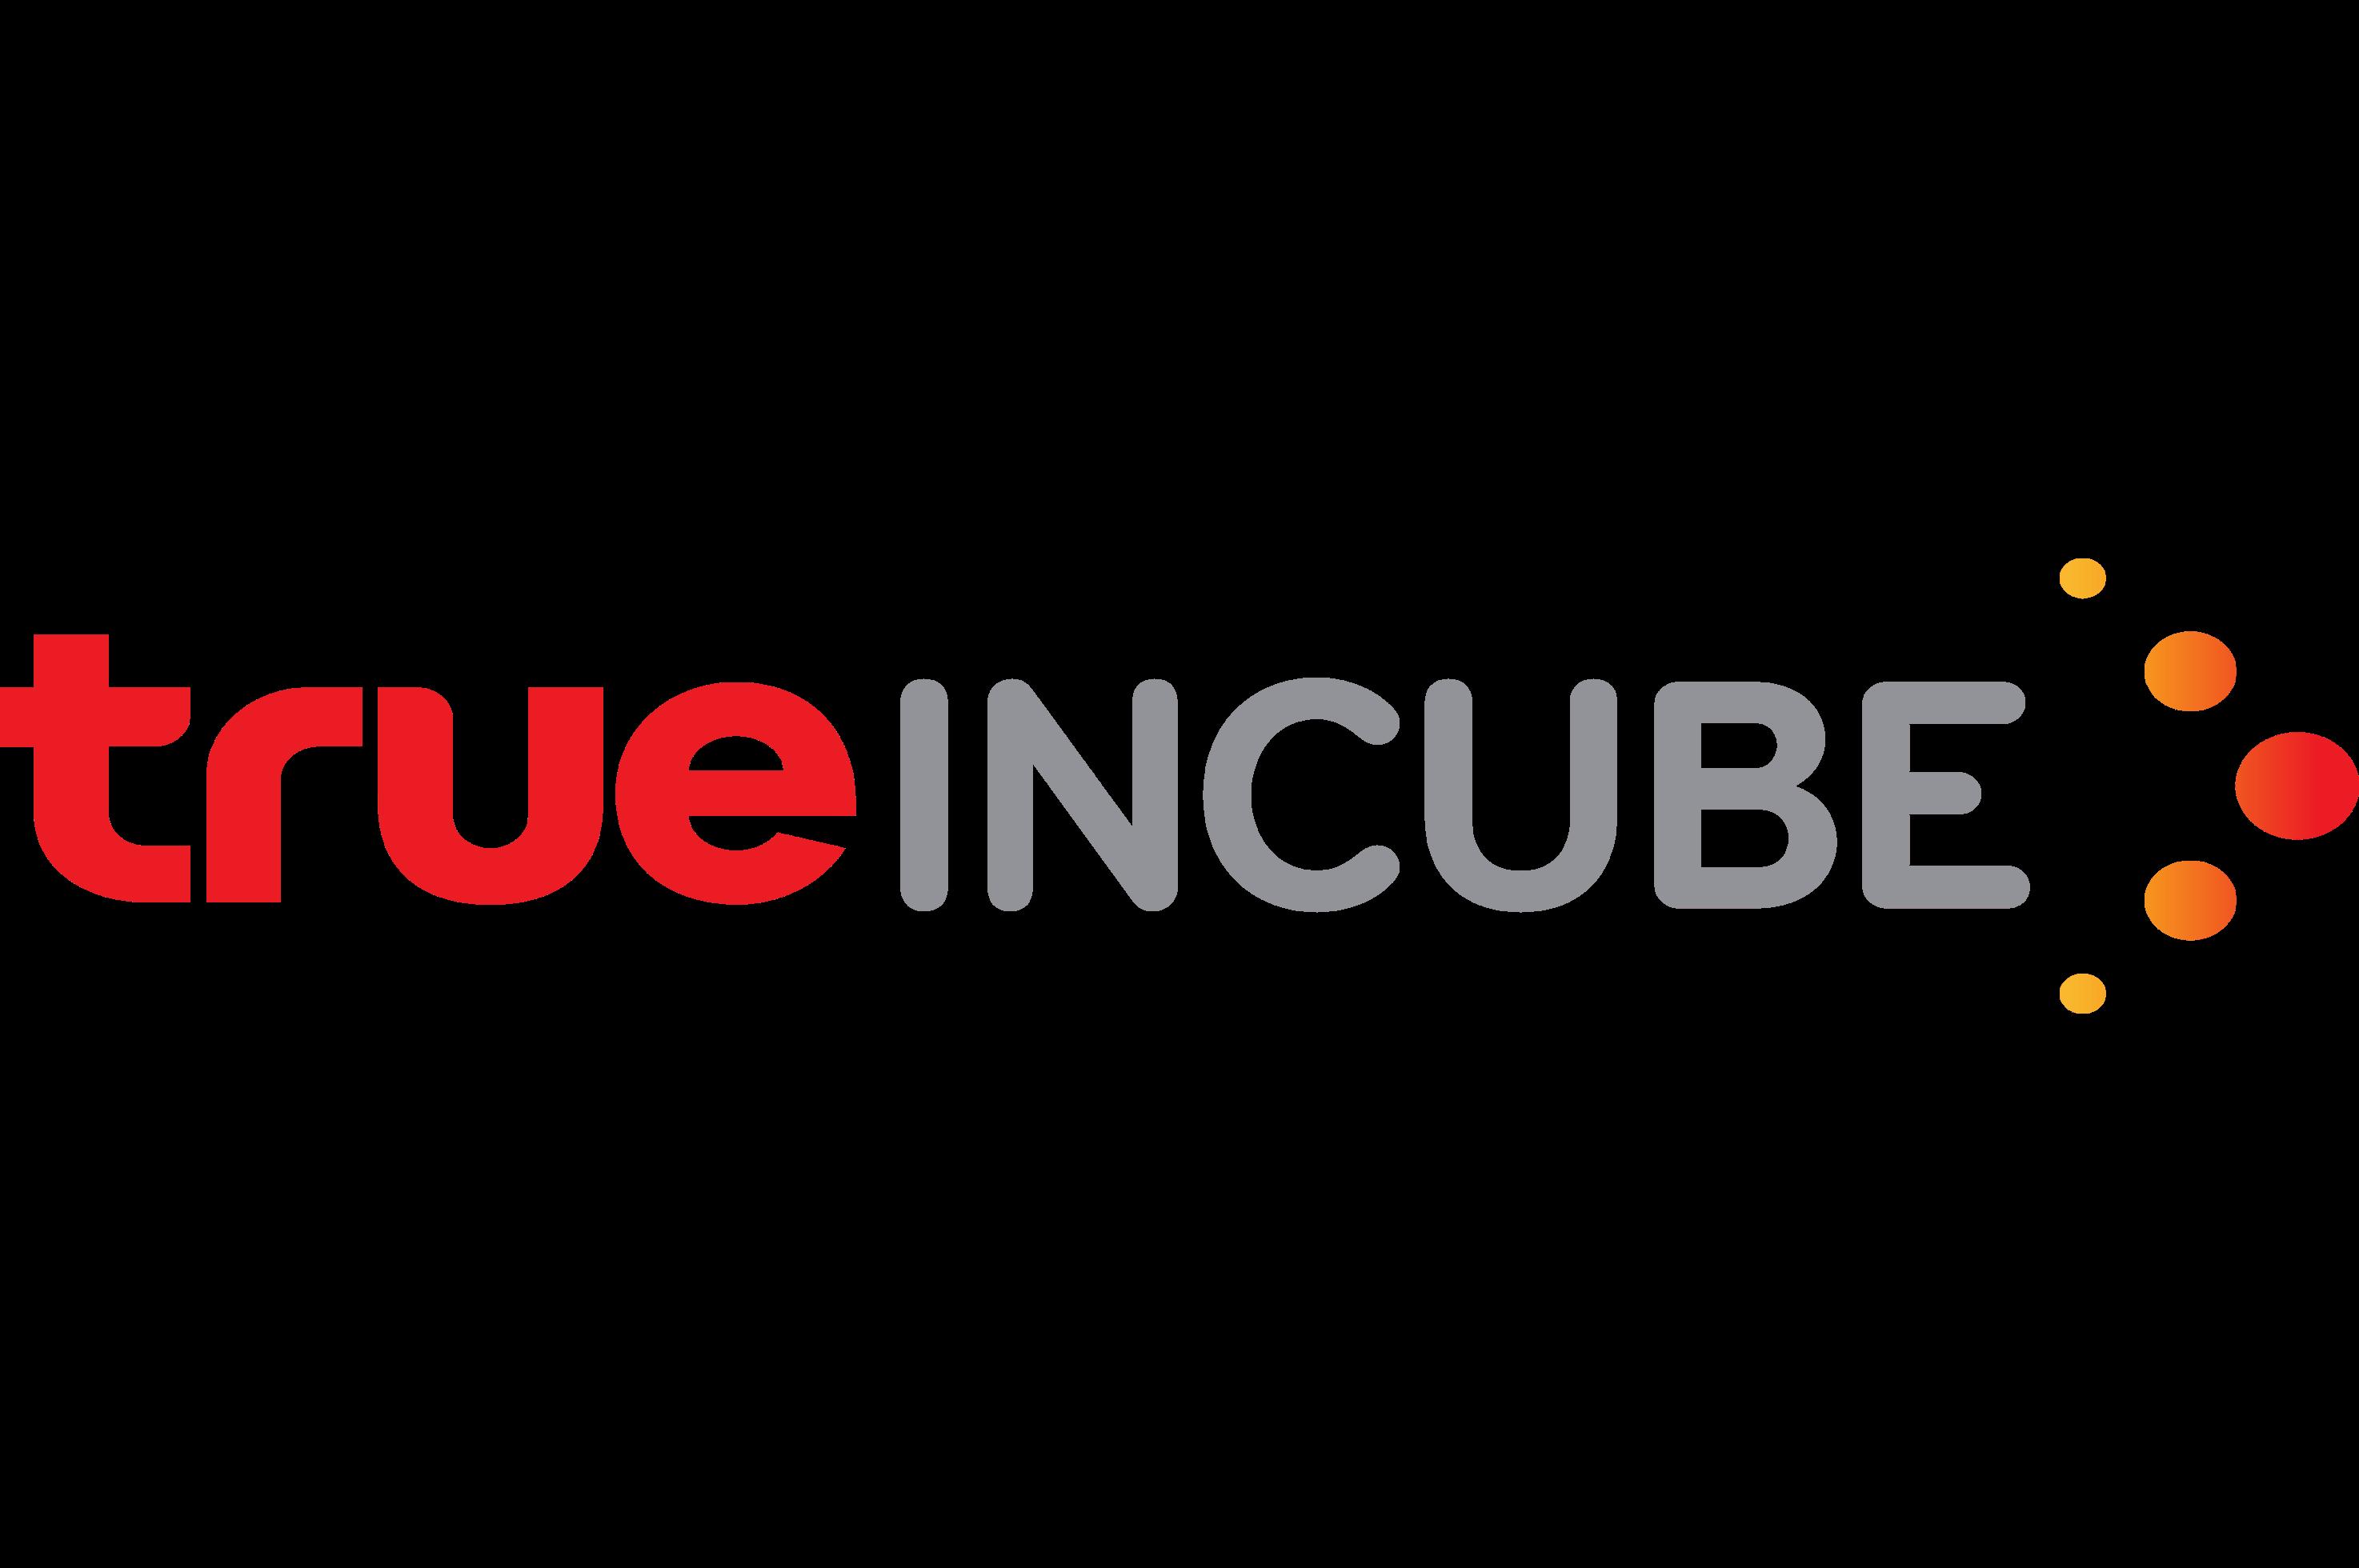 trueincube